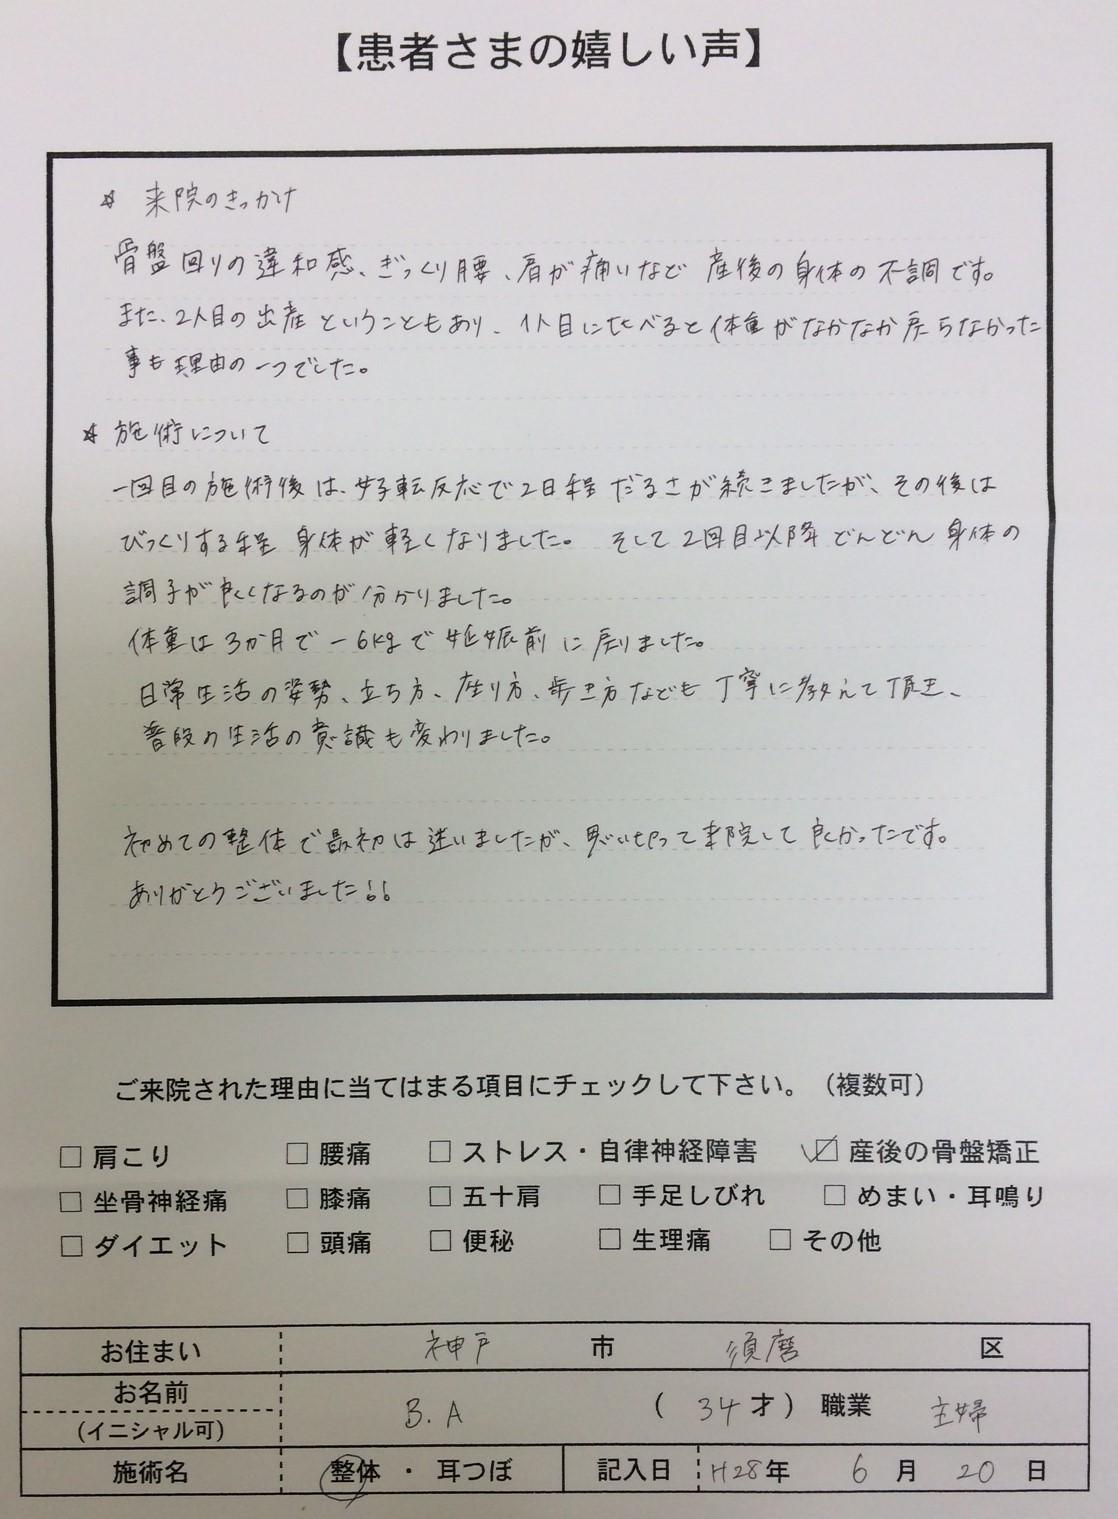 産後骨盤矯正 神戸市須磨区 B.A様 34才 主婦.jpg